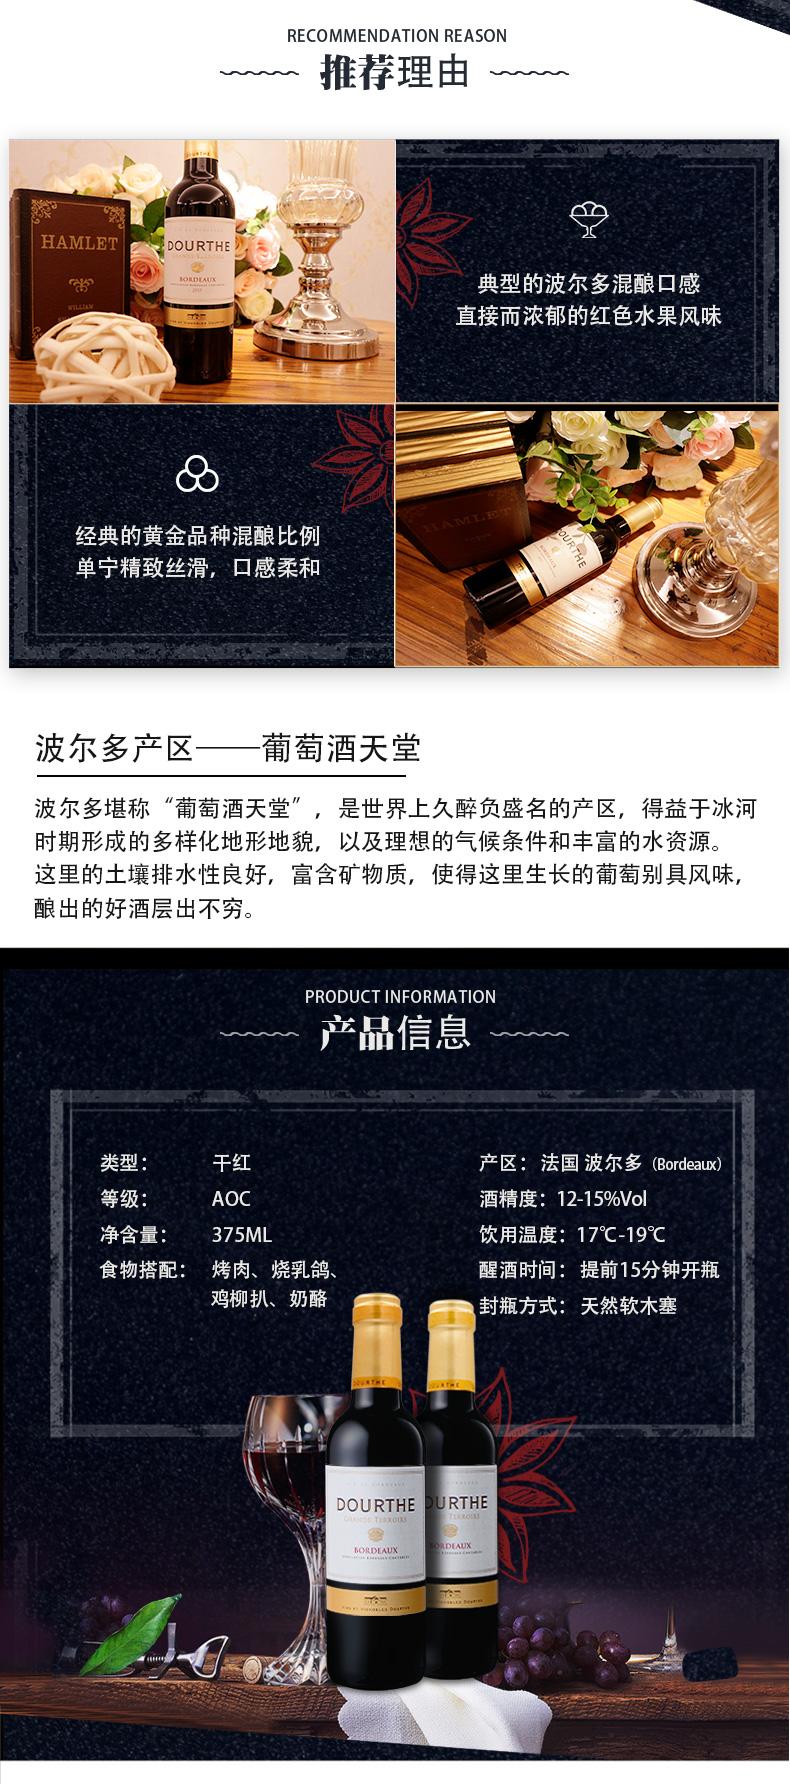 杜夫波爾多紅葡萄酒(2號)_02.jpg